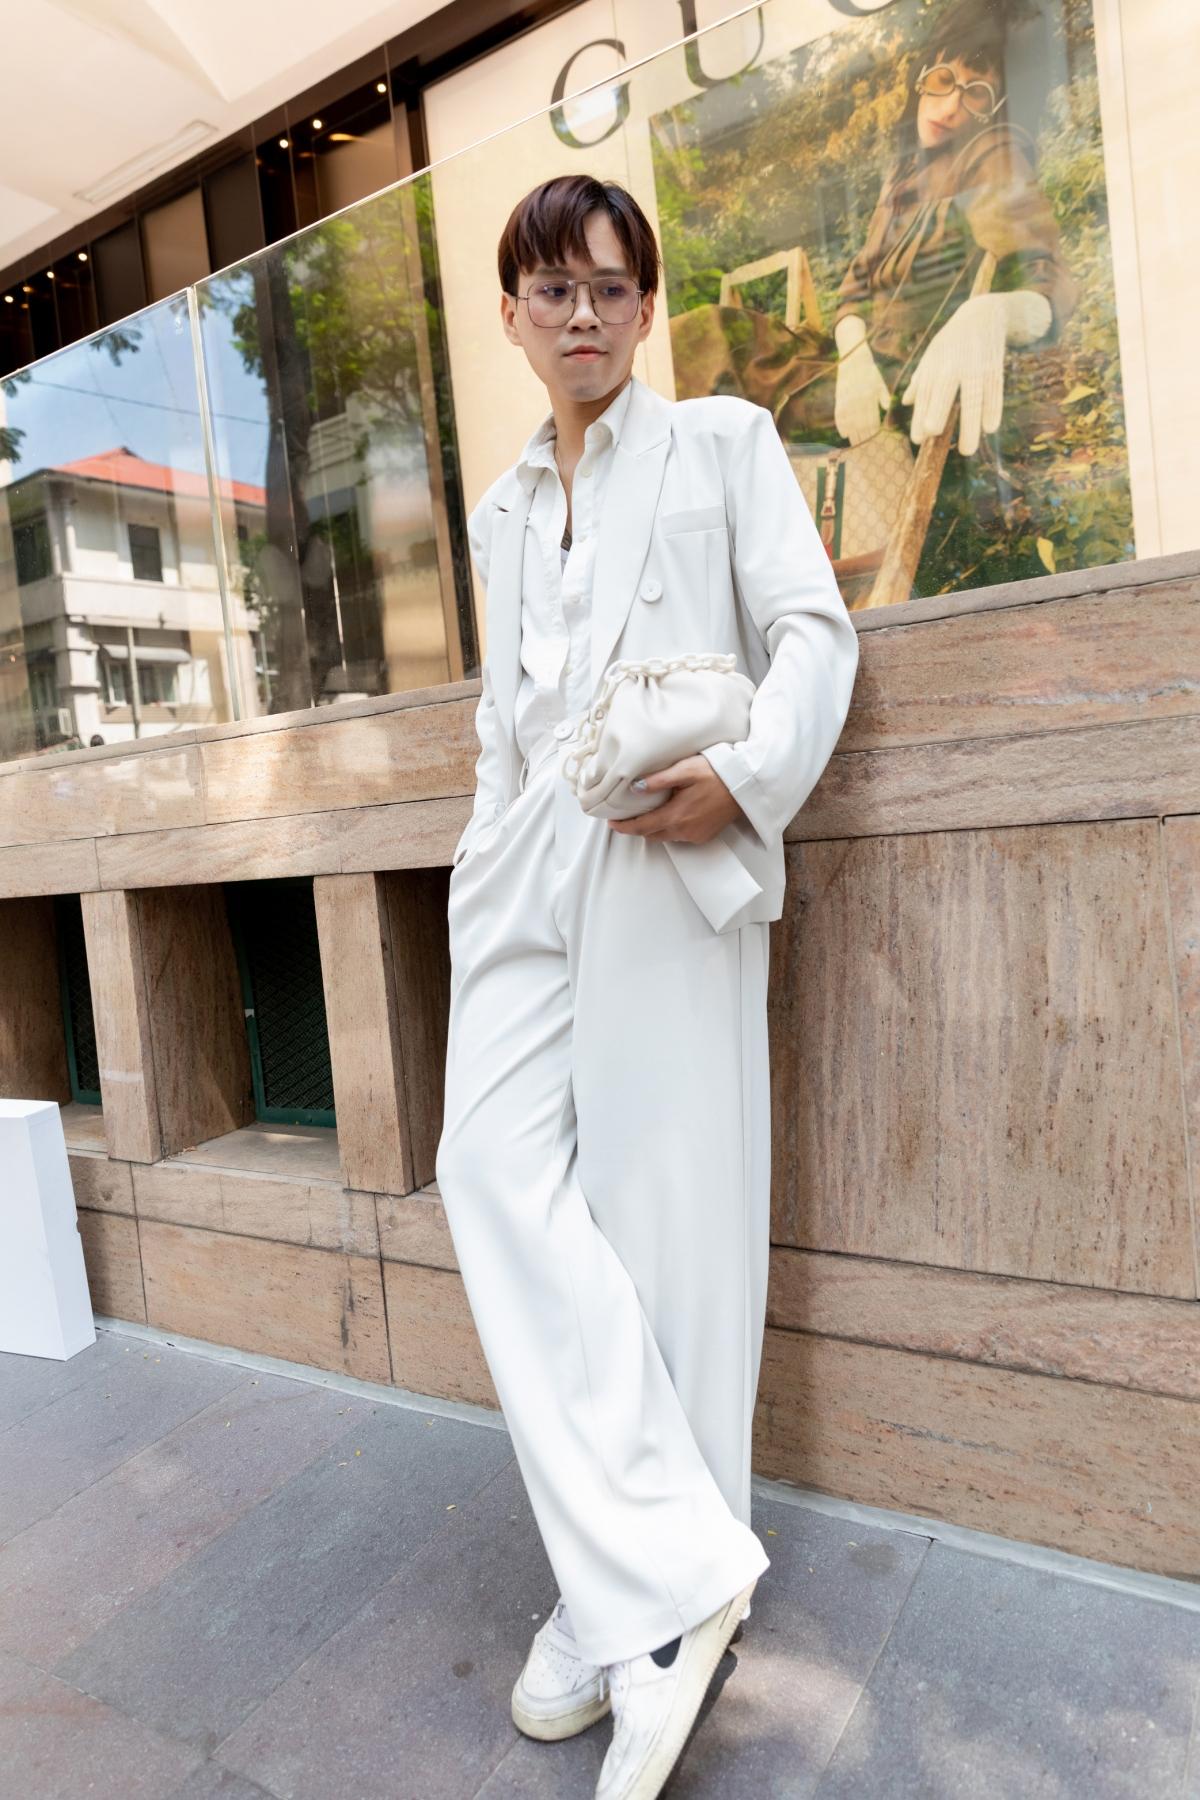 Chủ nhân giải ba gọi tên Cao Thanh Hiển, chàng trai cá tính với tông trắng thanh lịch kết hợp giữa suit và quần ống rộng.